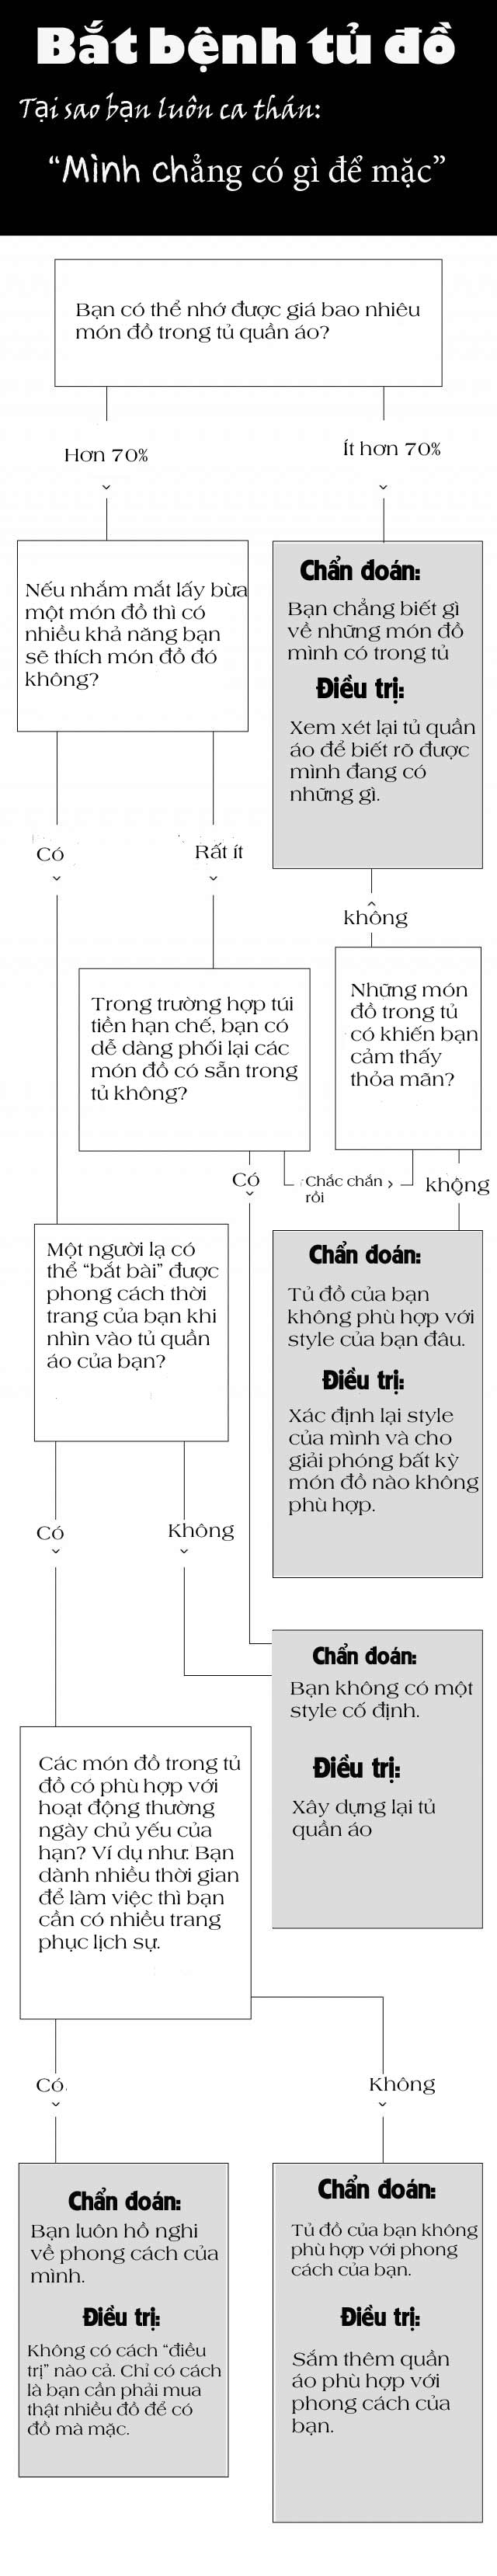 """bat benh """"quan ao bat ngan van keu khong co gi de mac"""" cua chi em - 1"""